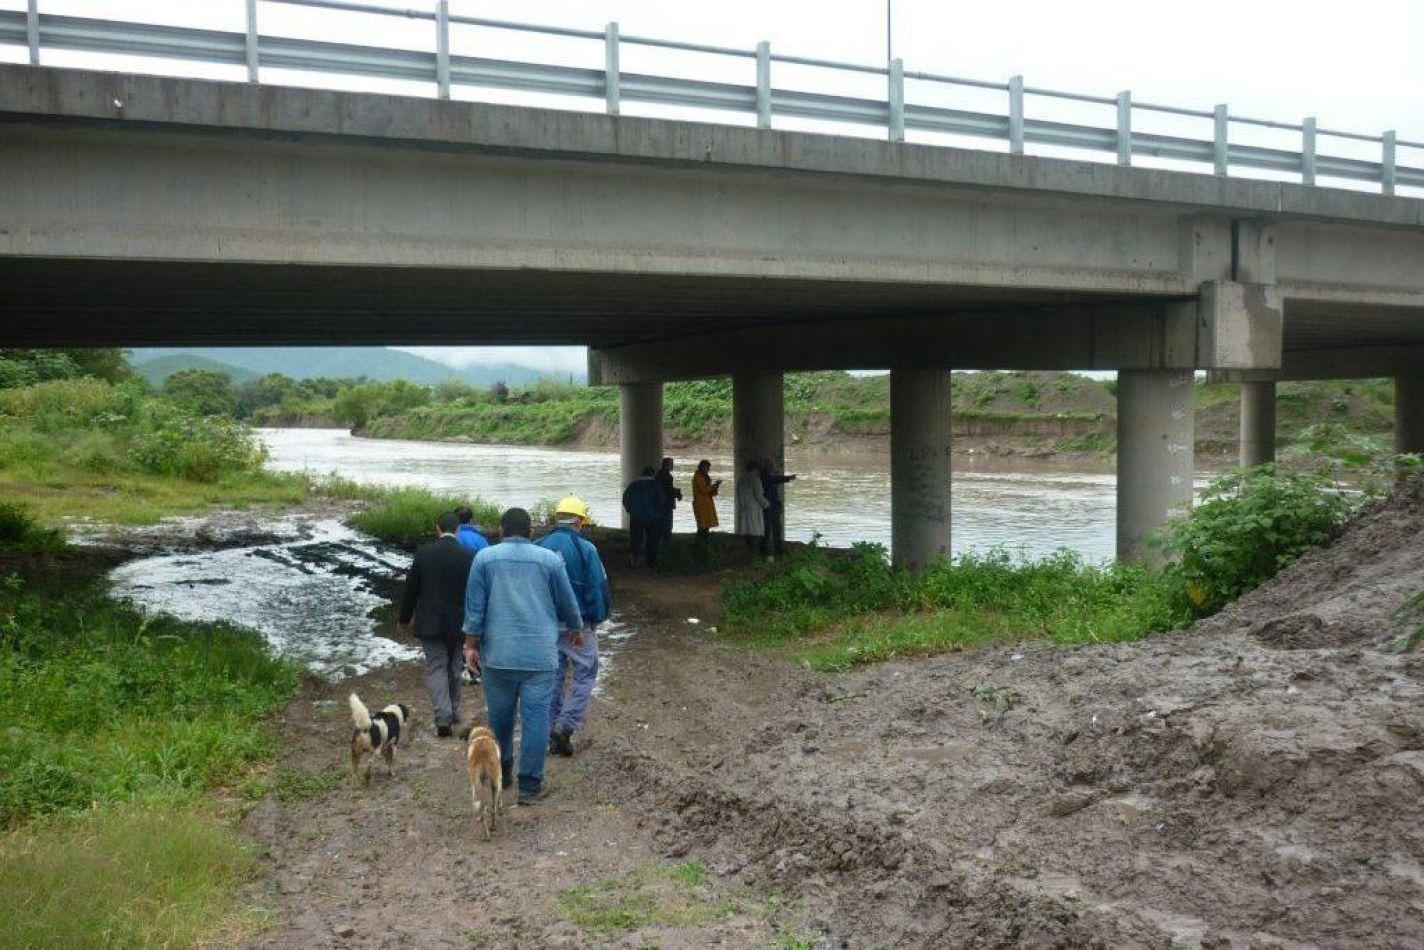 Detectaron altos valores de contaminación fecal y metales pesados en río Arenales